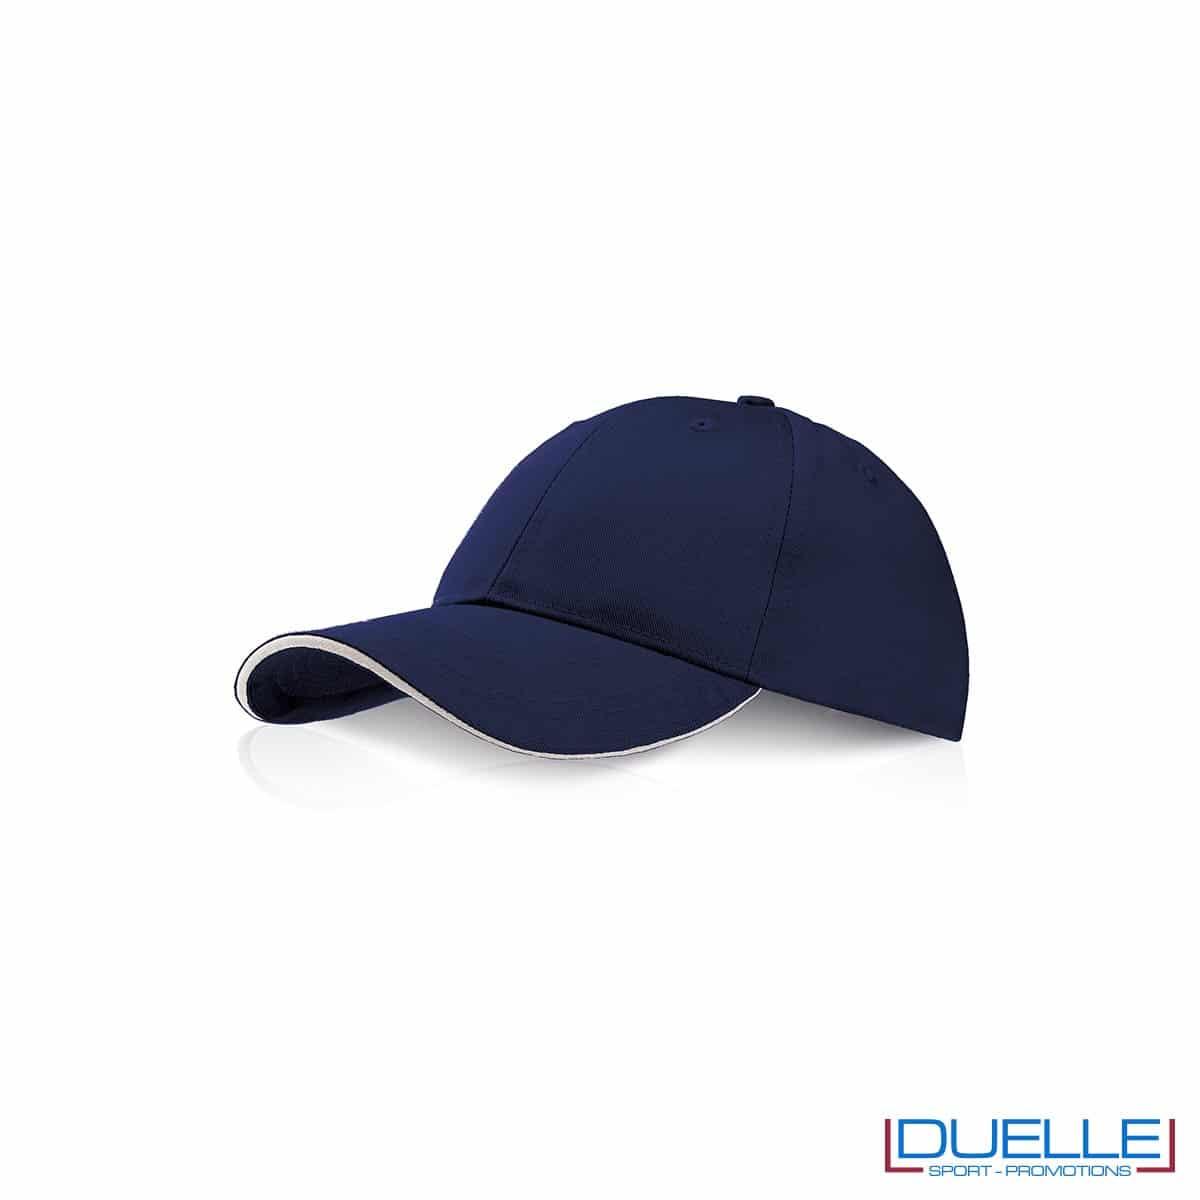 Cappellino personalizzato con visiera a sandwich blu navy, cappellini promozionali blu